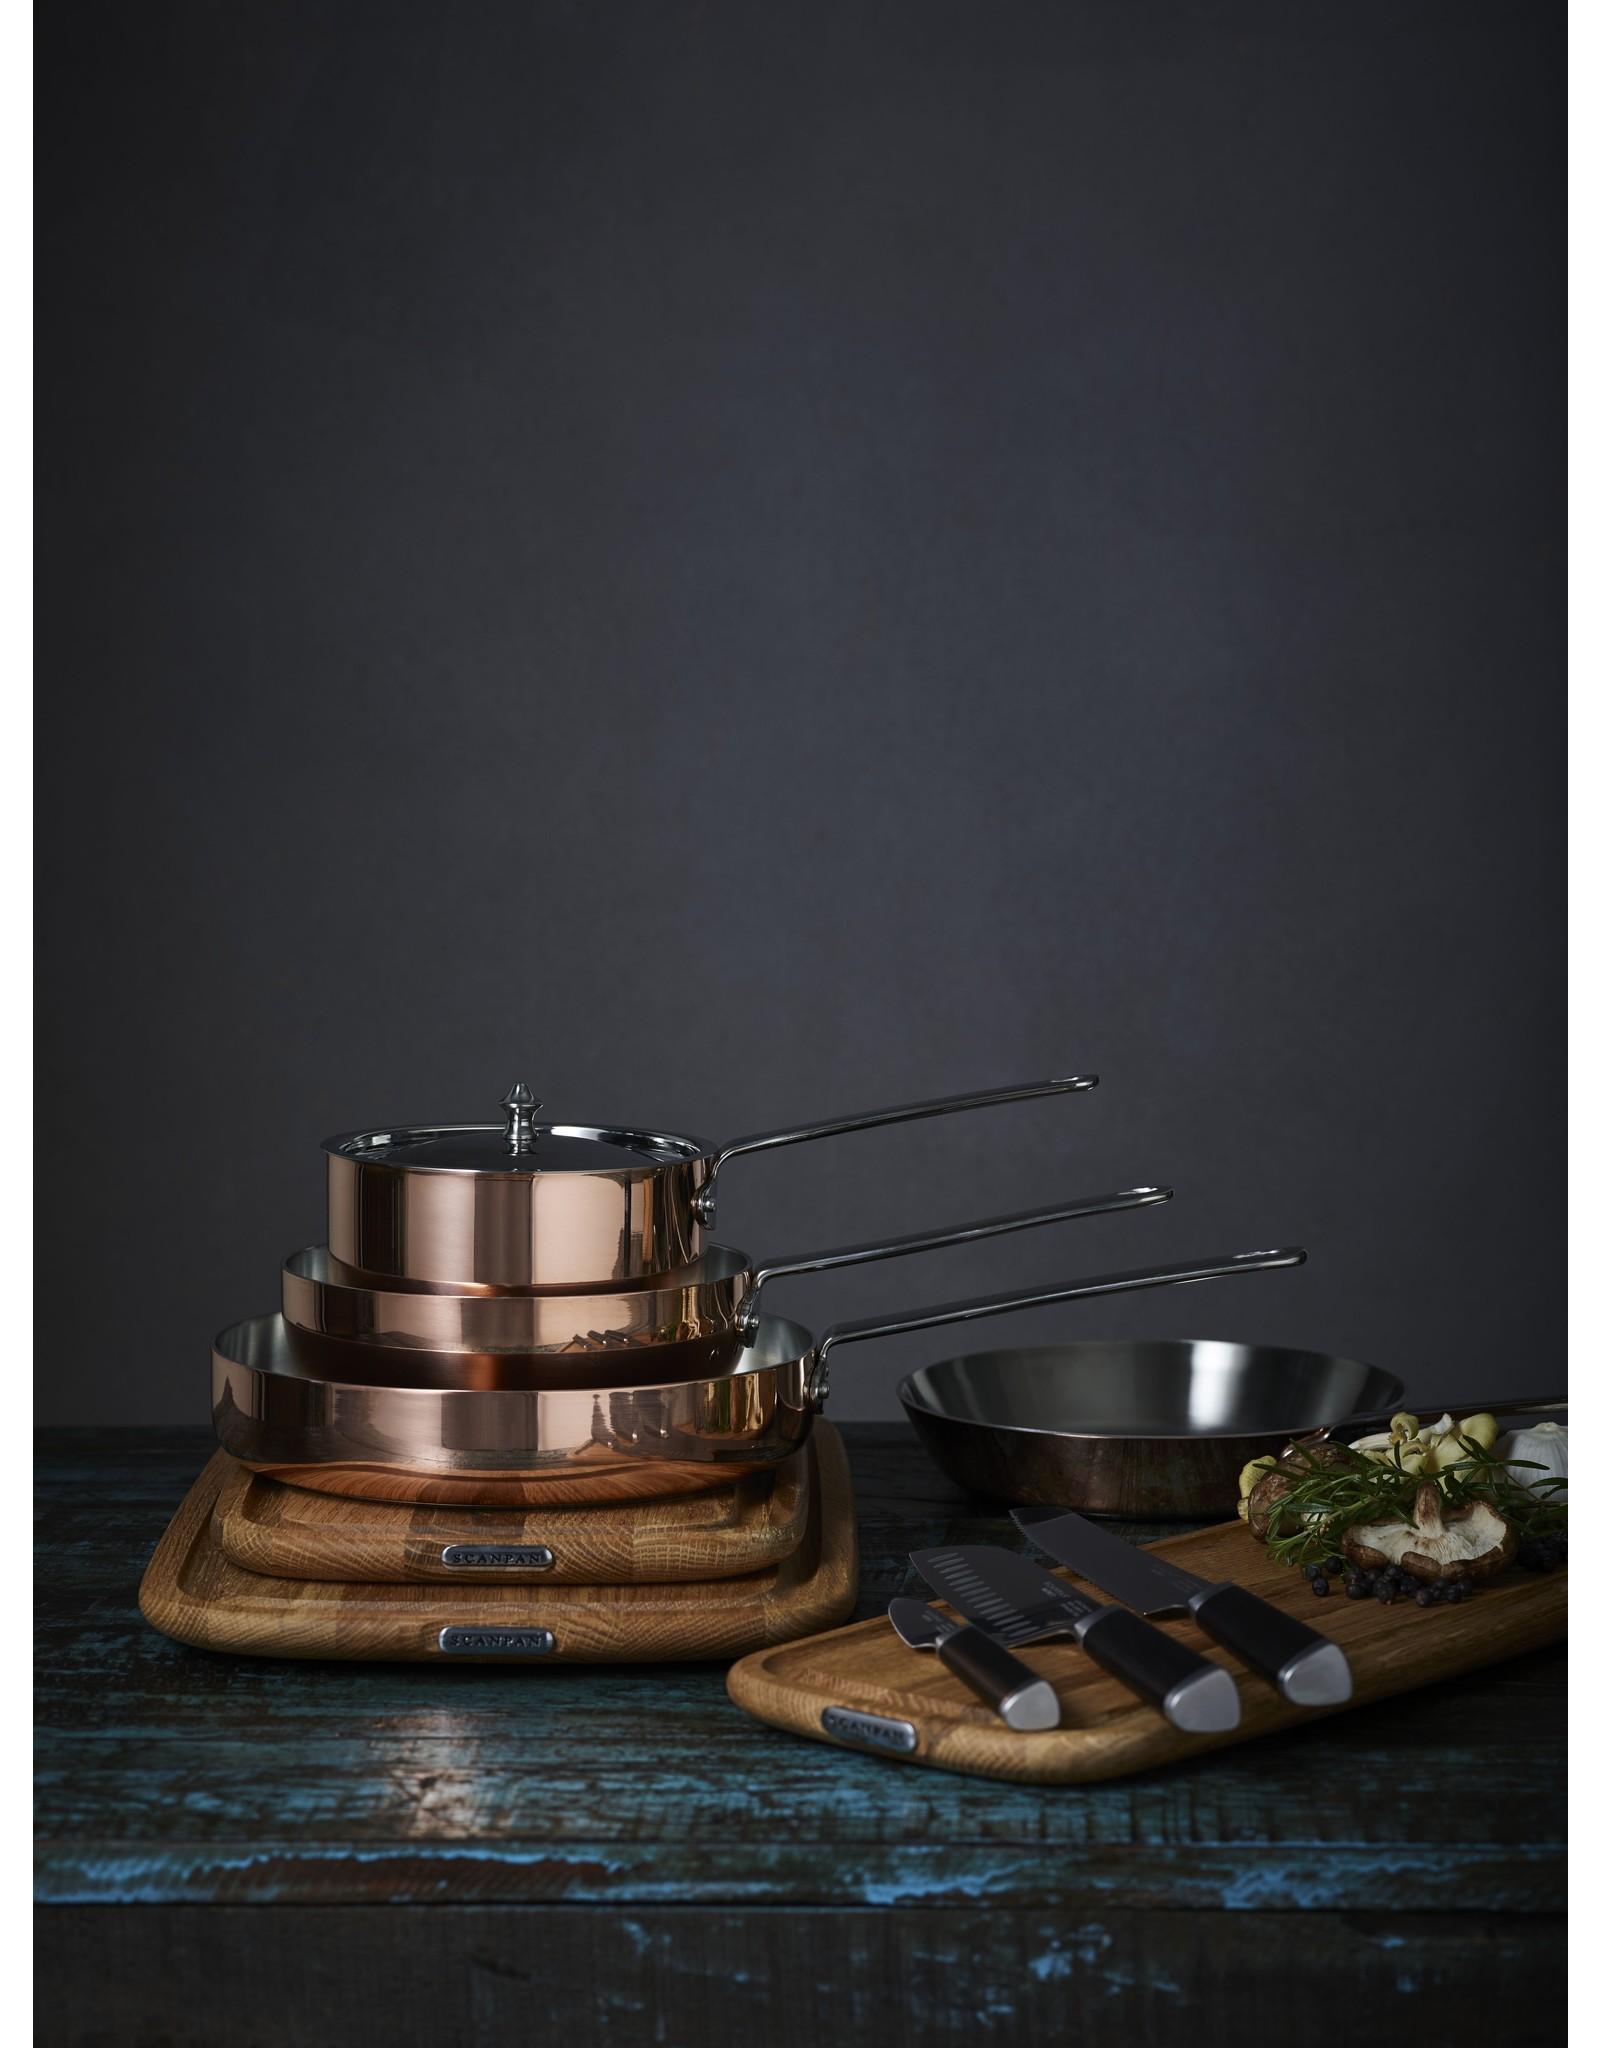 Scanpan Maitré D' Sauteerpan induction 26cm